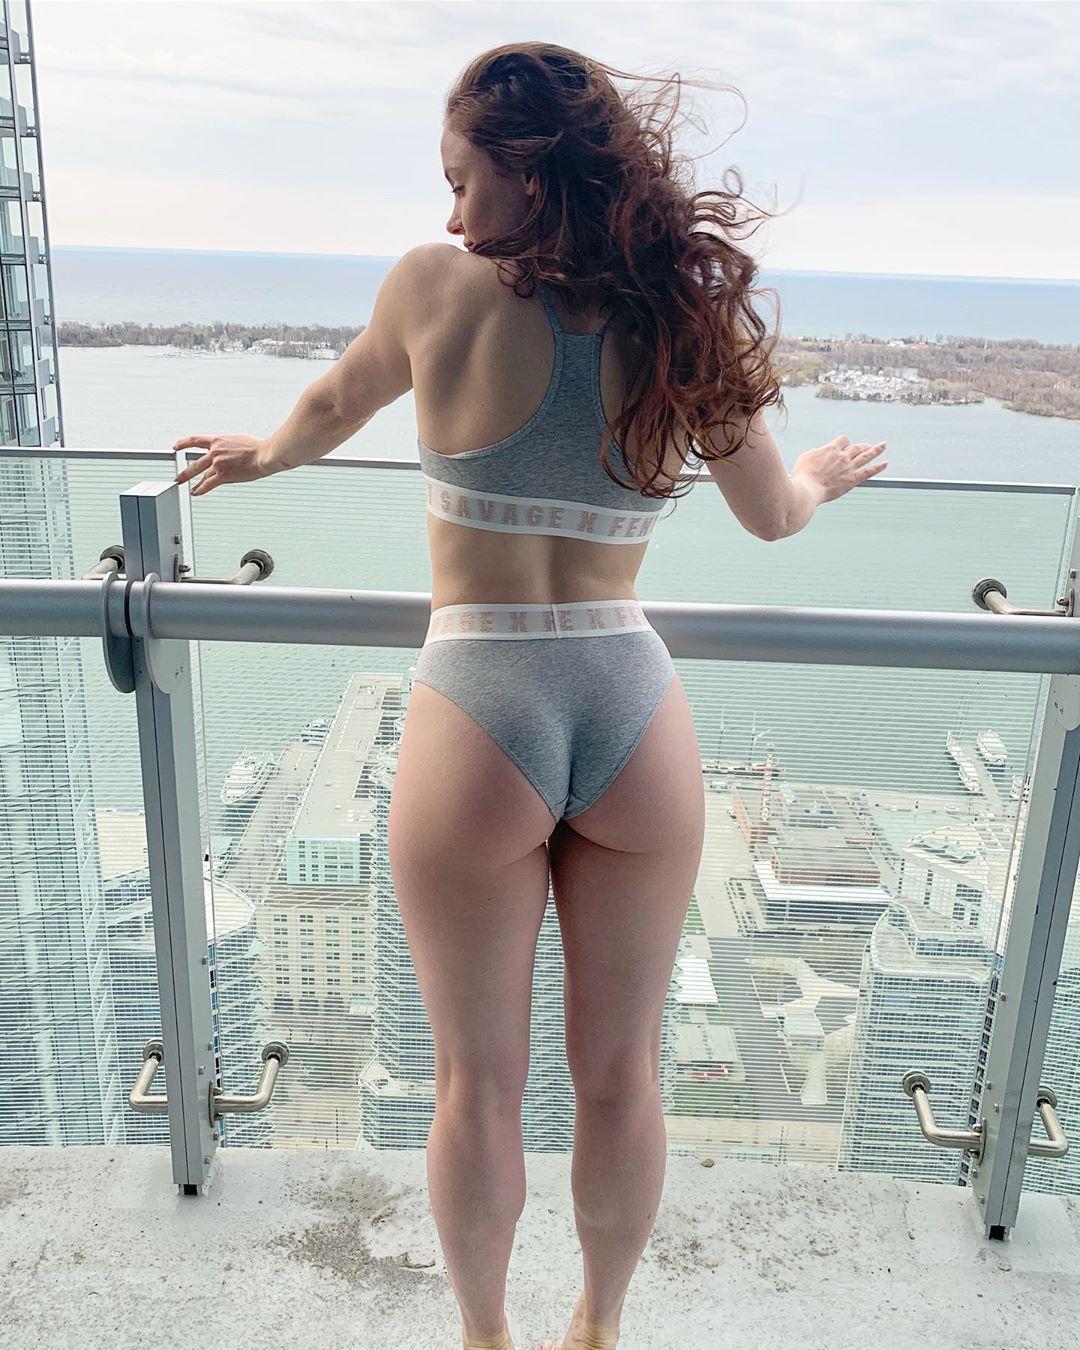 Abby pollock nude